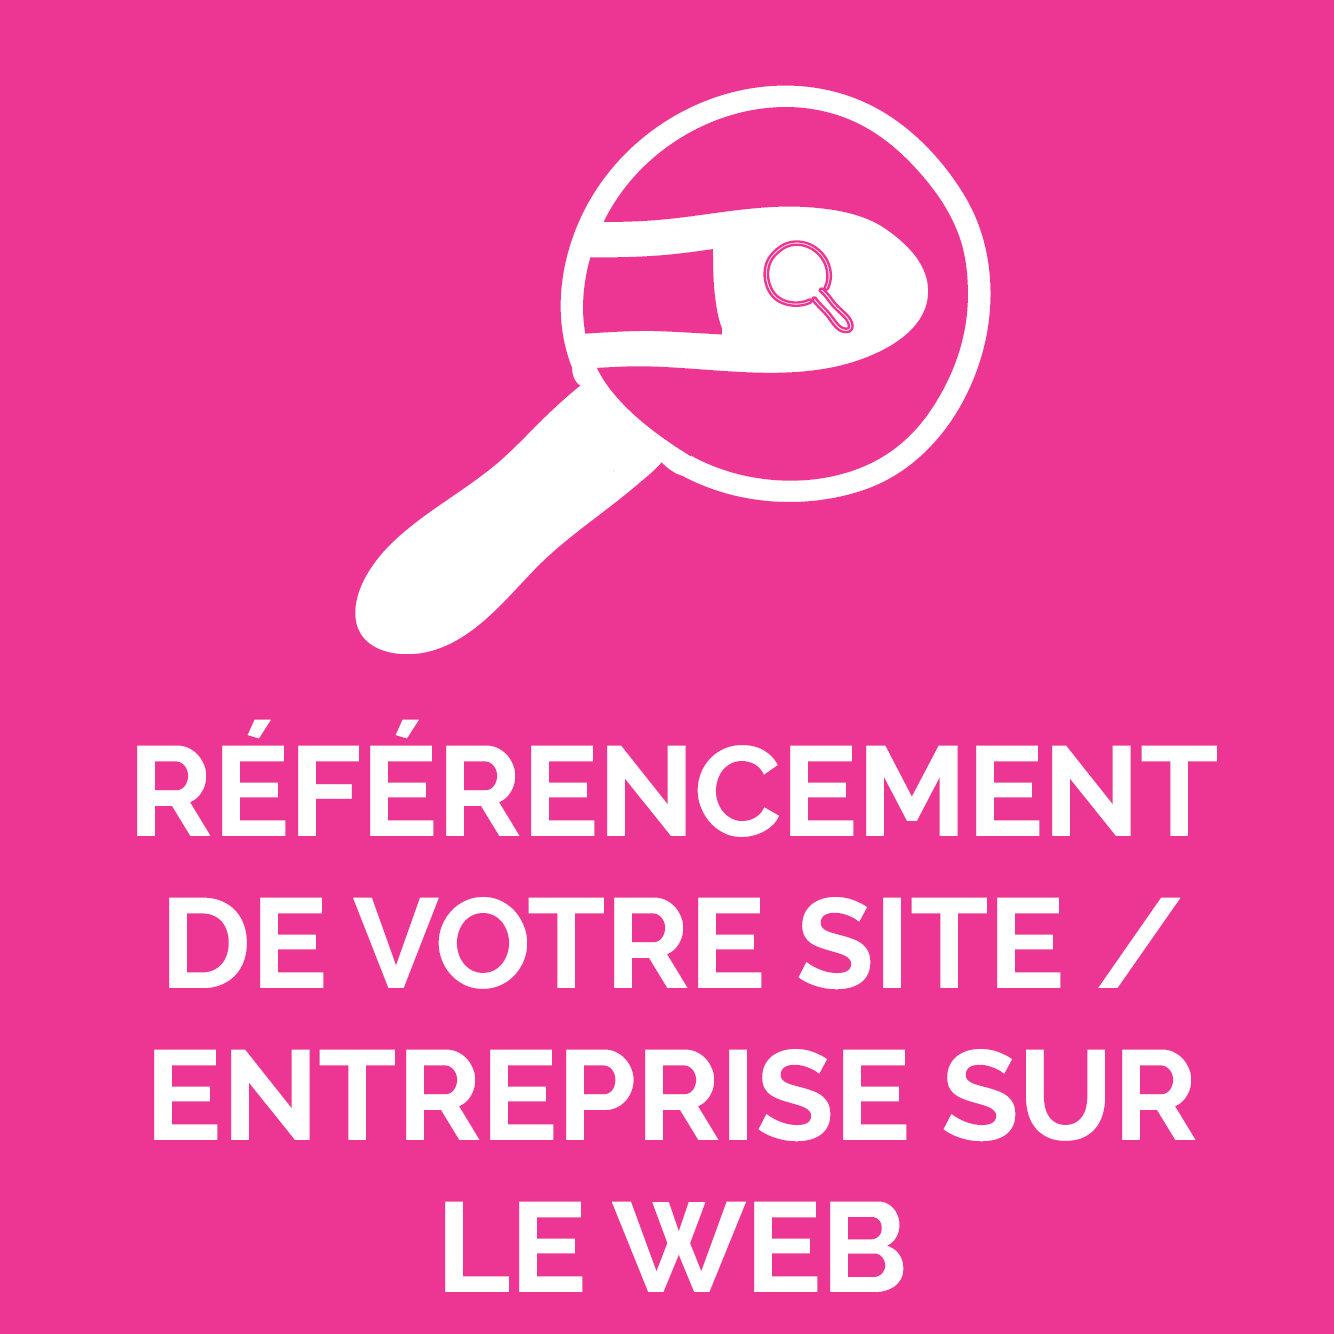 RÉFÉRENCEMENT WEB : SITE/ ENTREPRISE